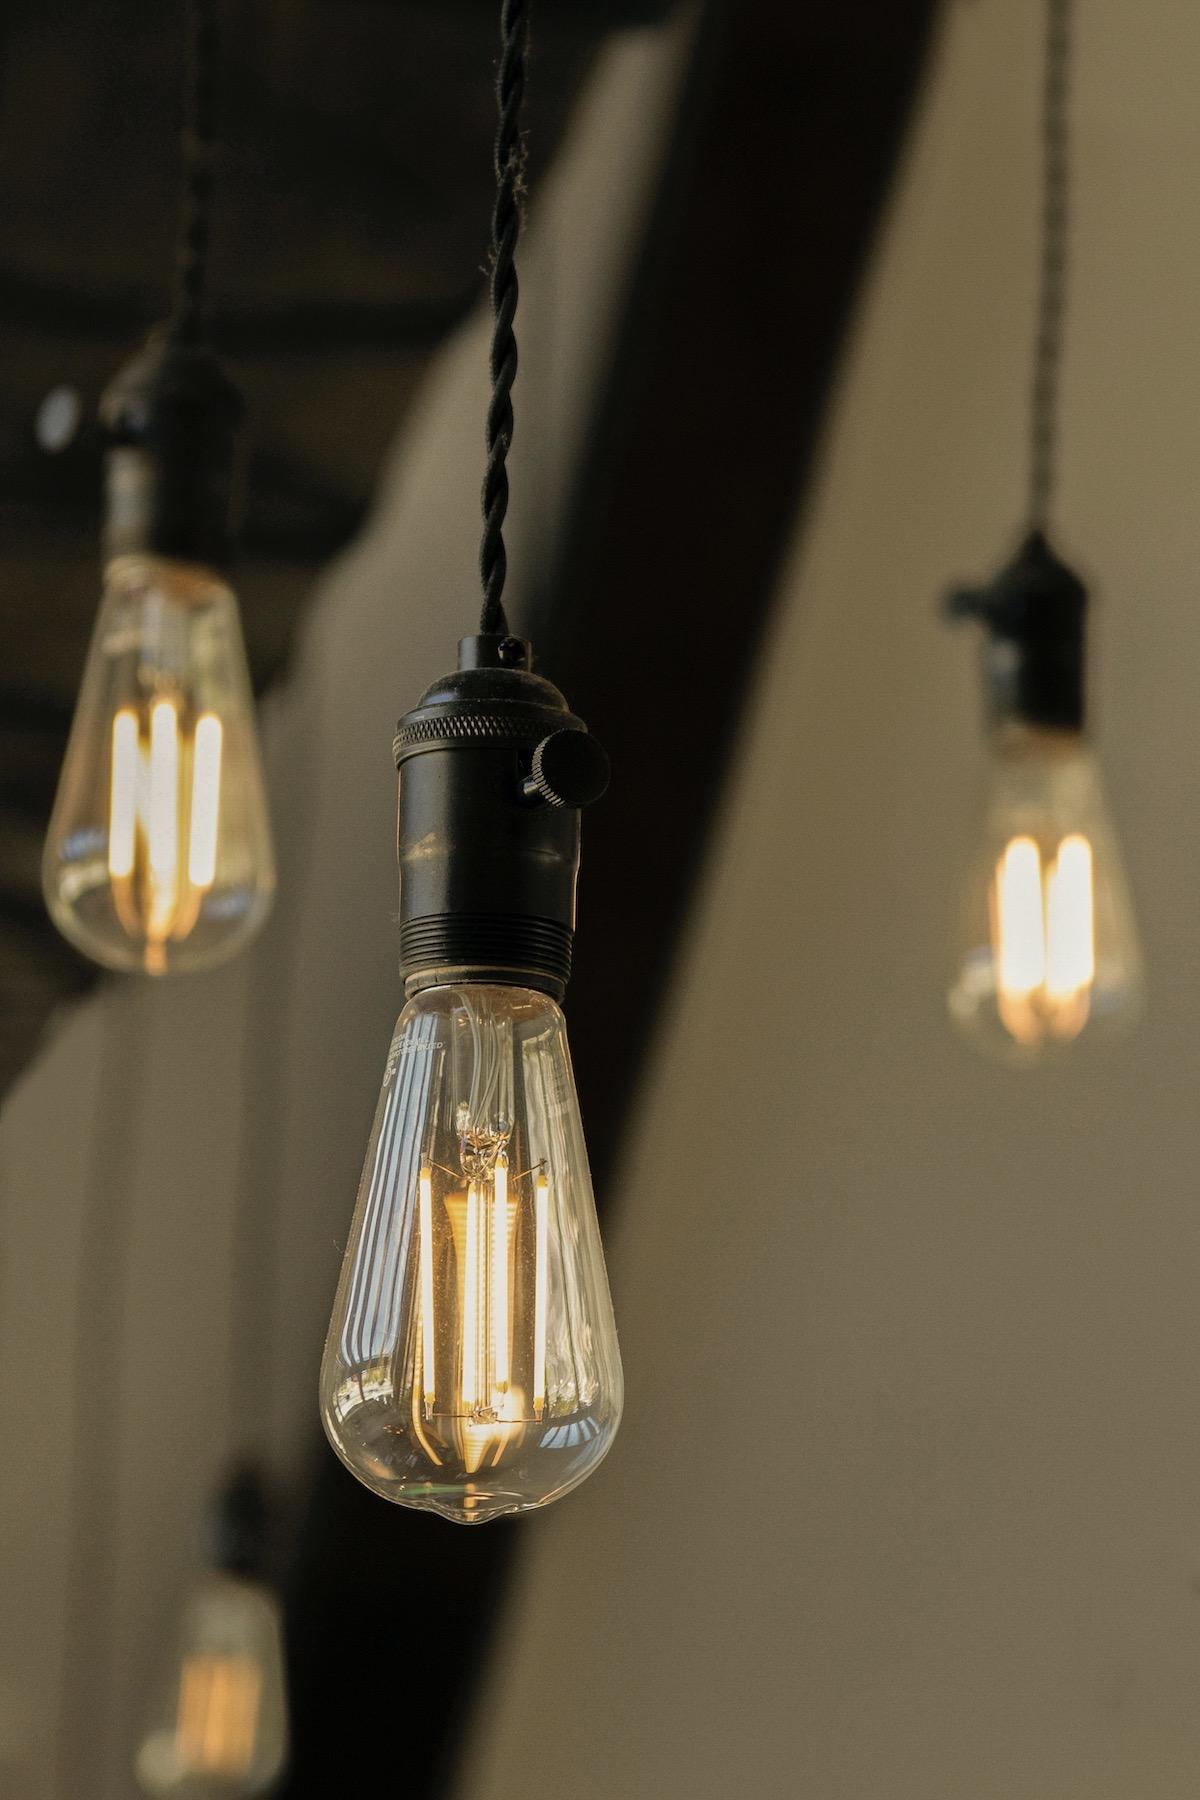 ampoule vintage retro led filament décoration indus